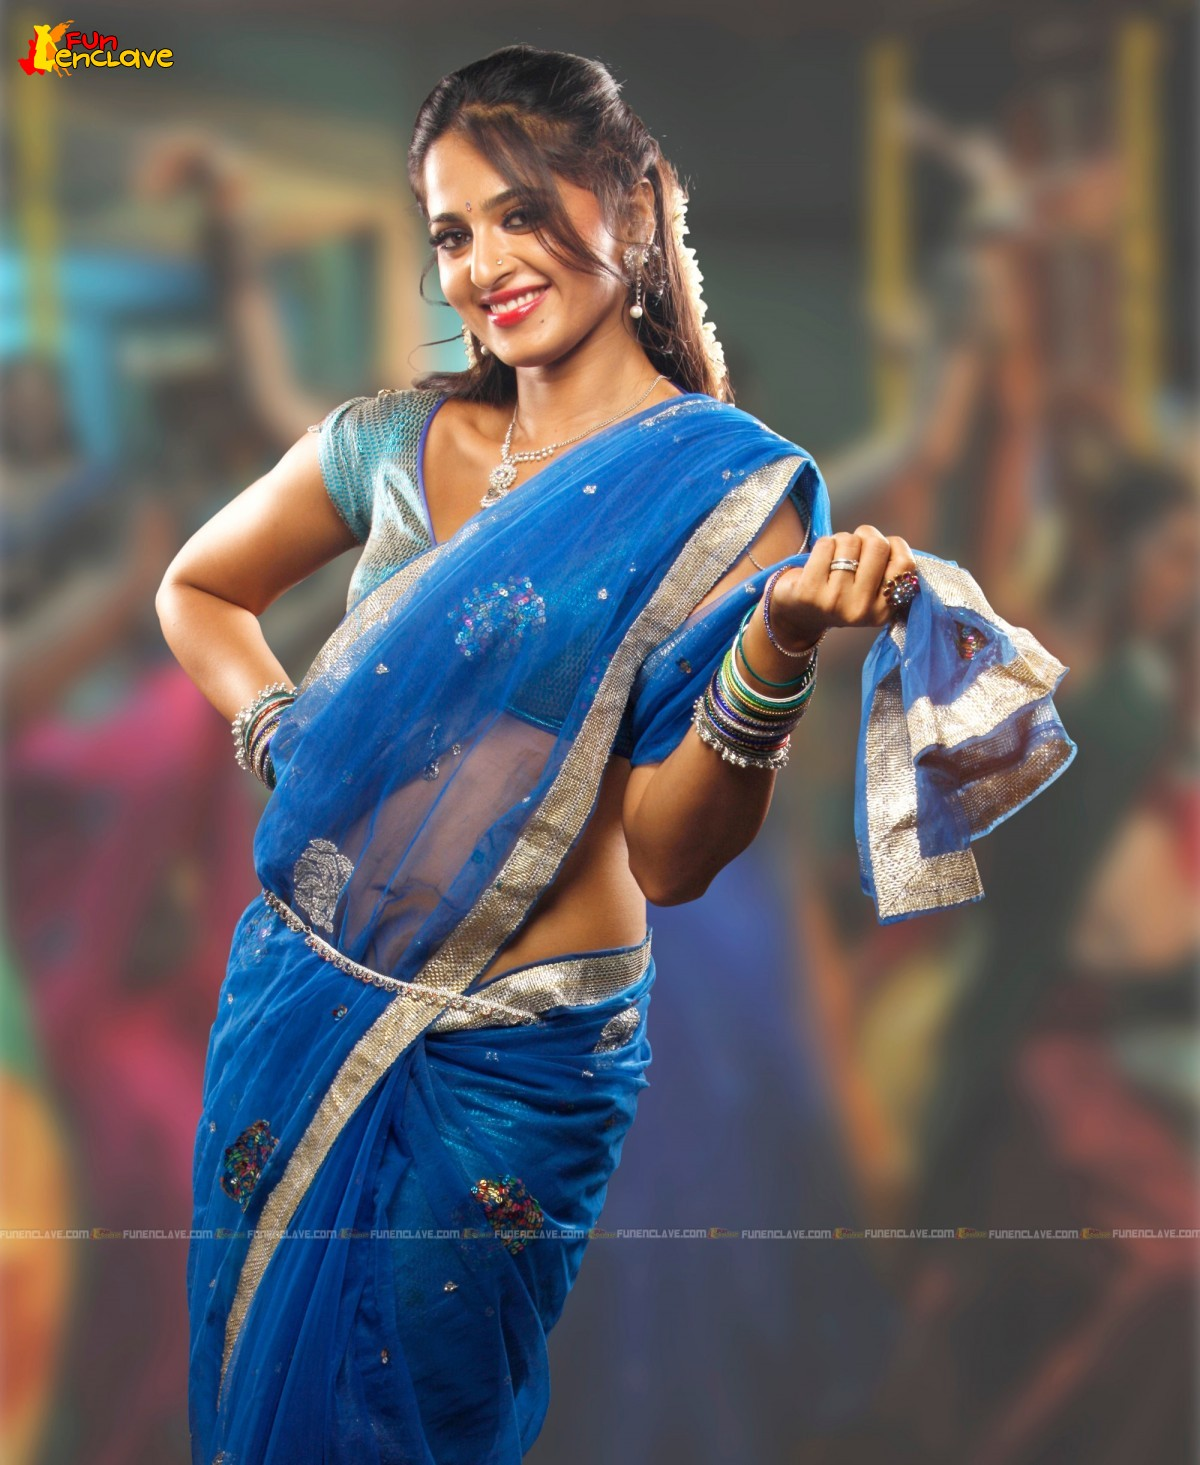 Hot Actress Pictures: Anushka Shetty Hot Saree